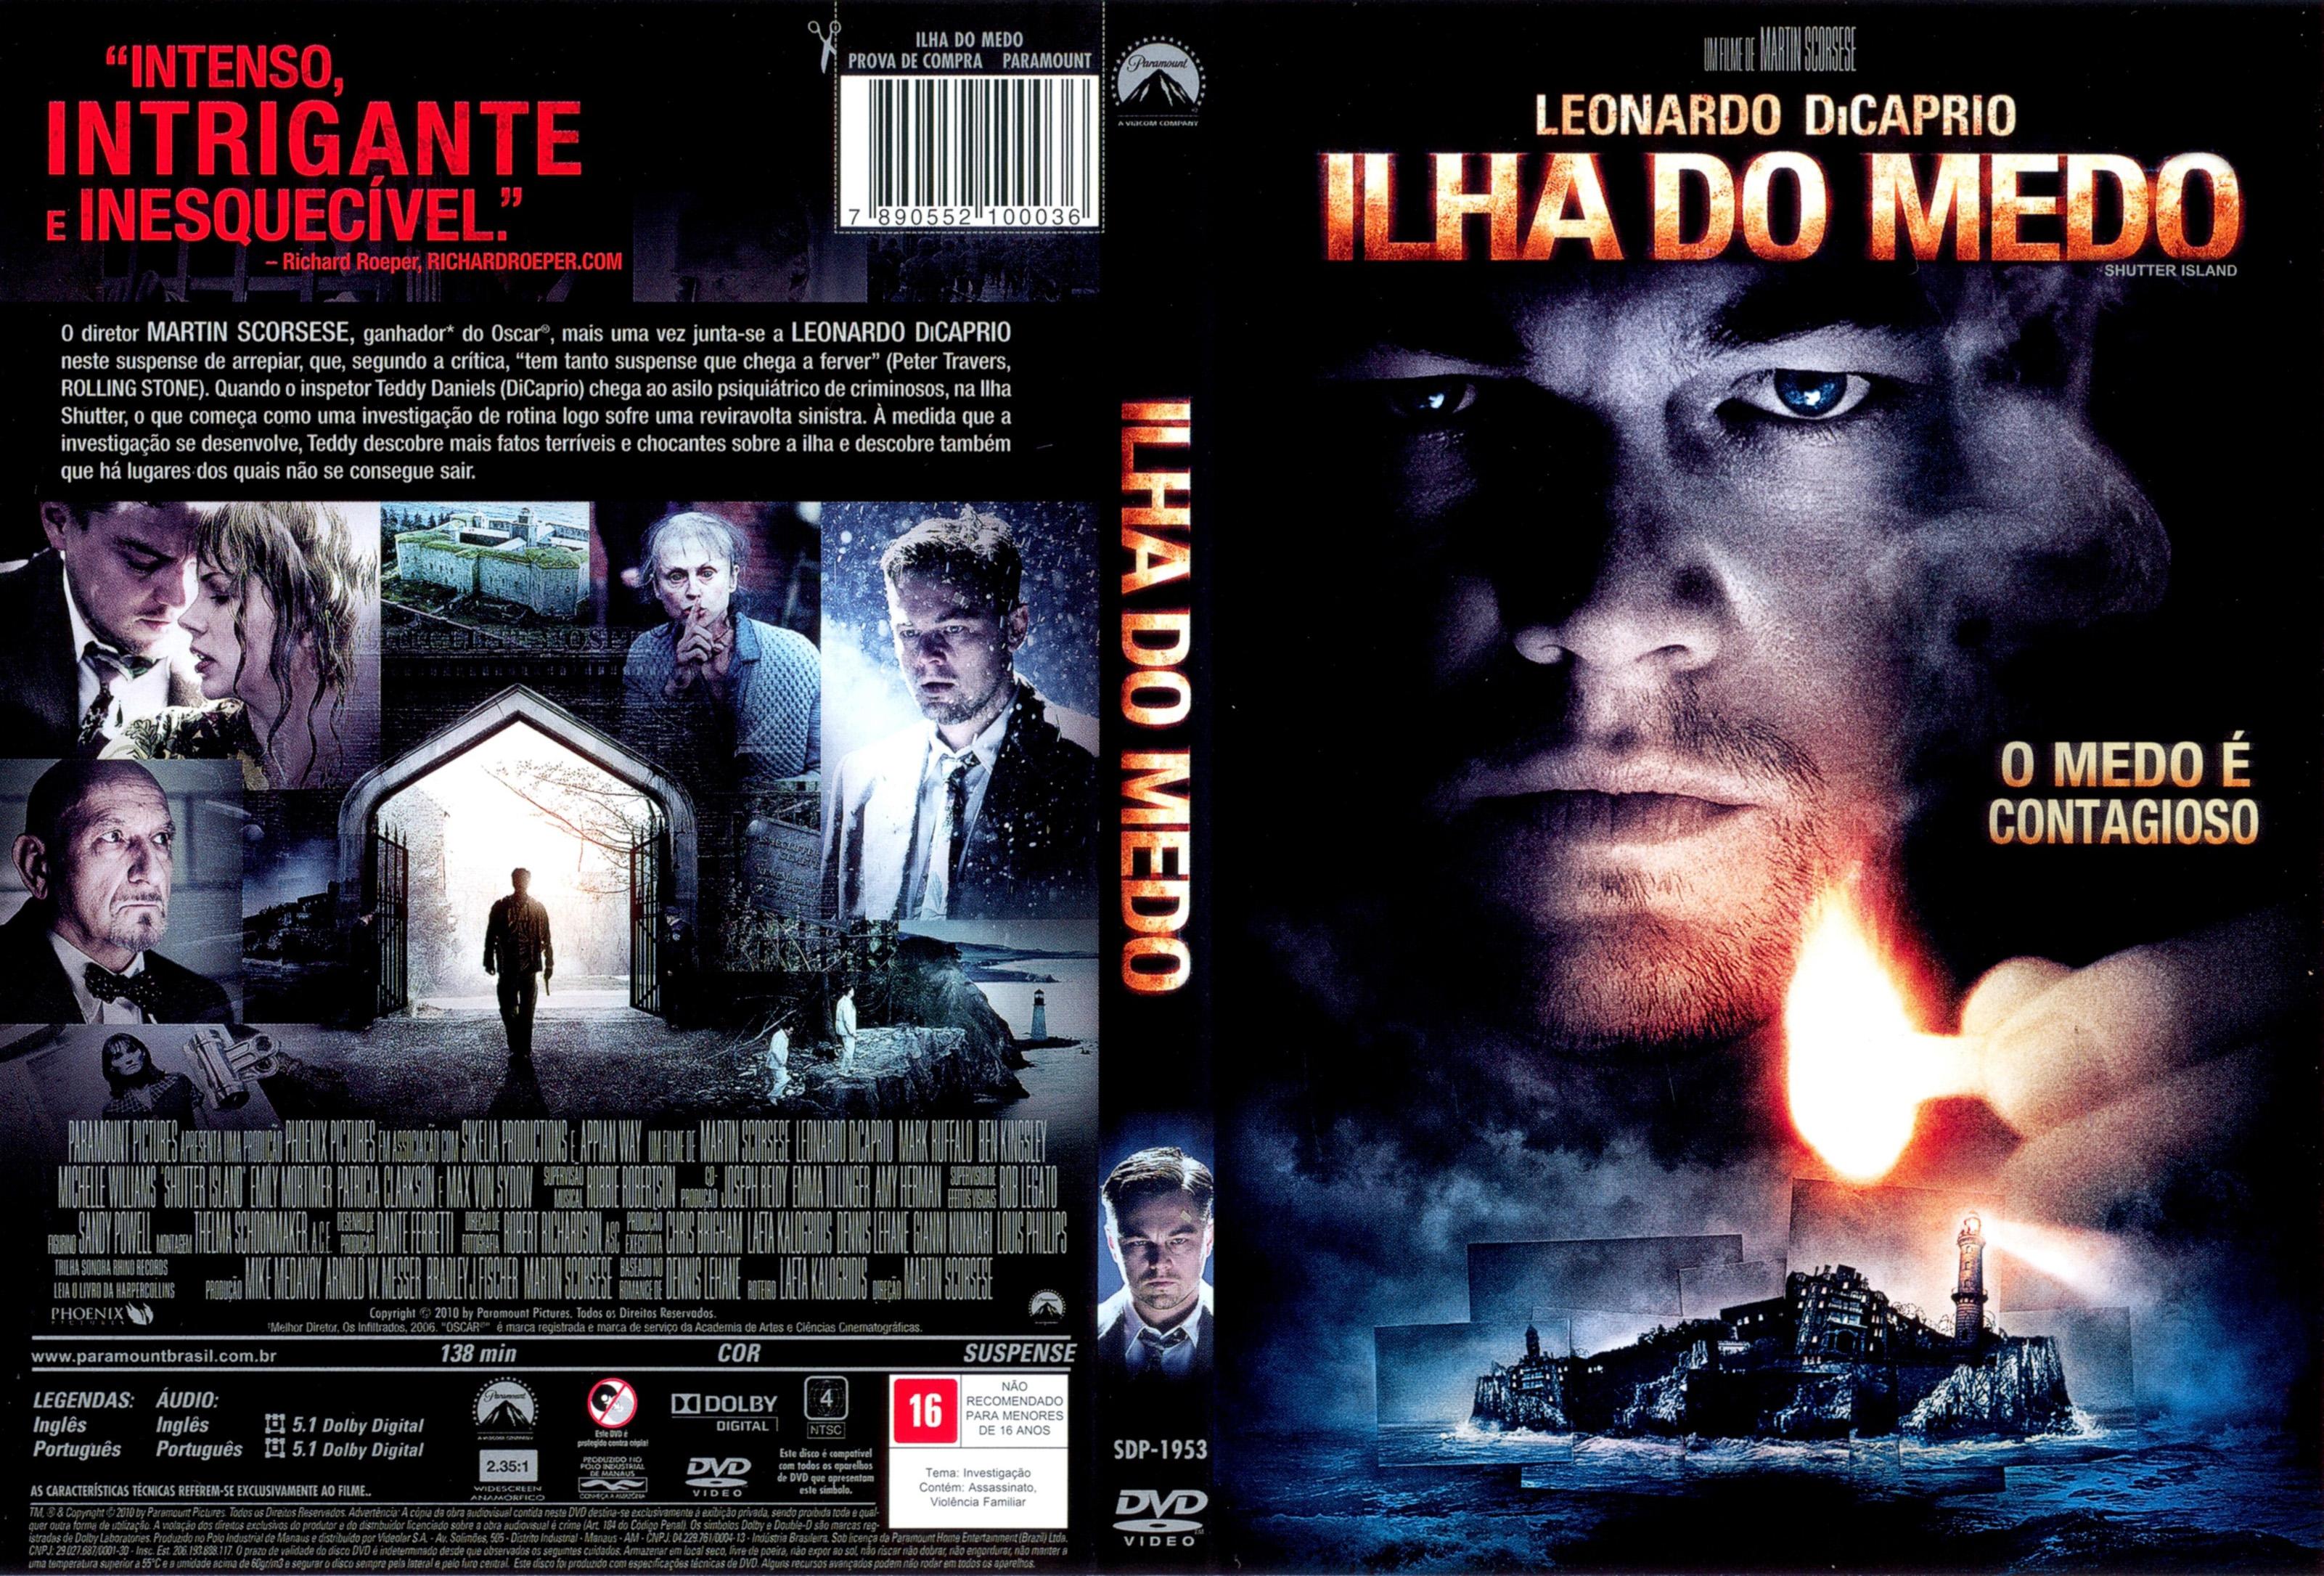 IlhaDoMedo